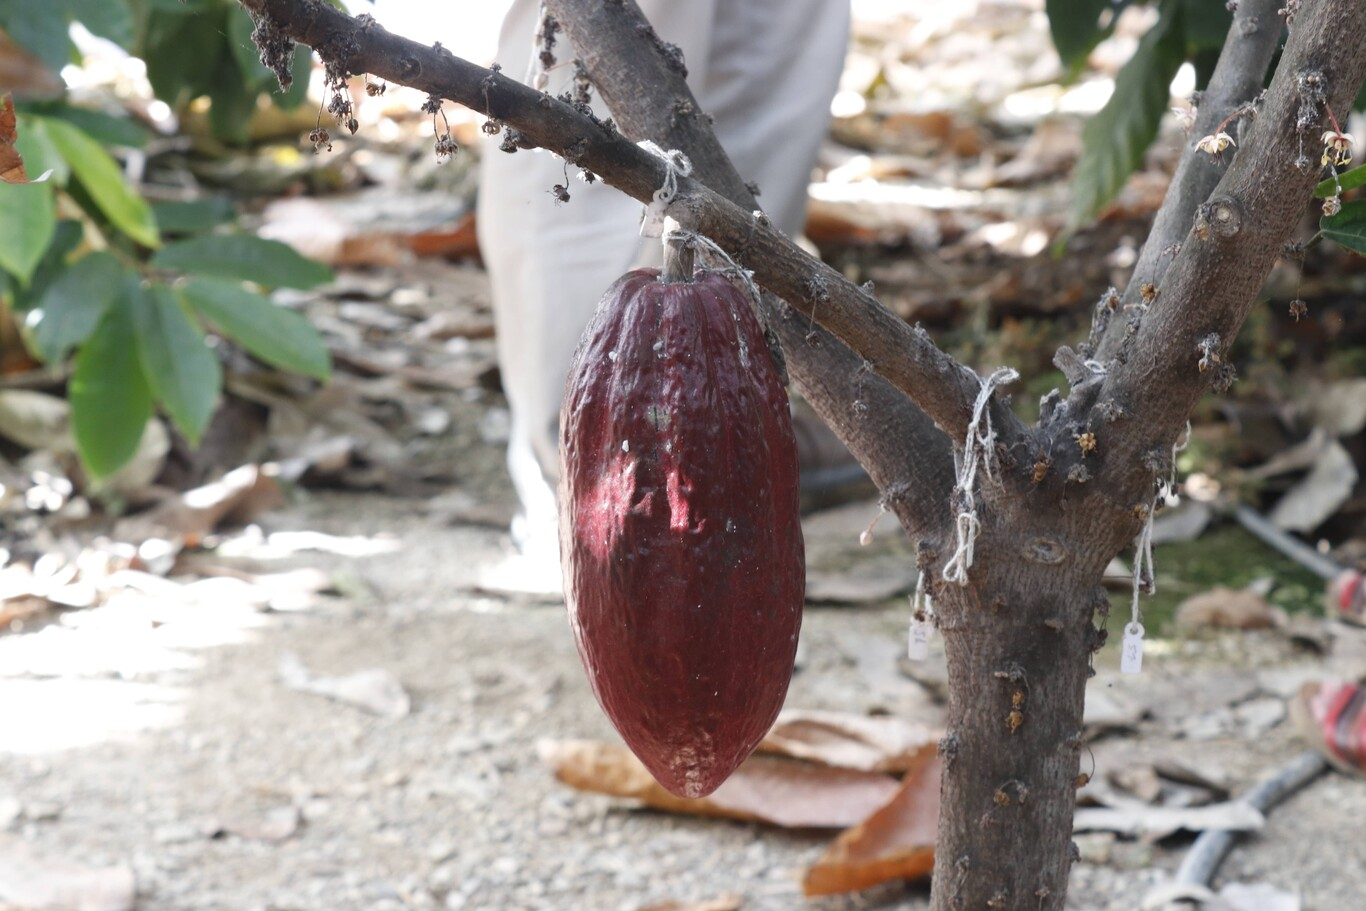 Vaina de cacao de uno de los árboles cultivados en el IHSM La Mayora